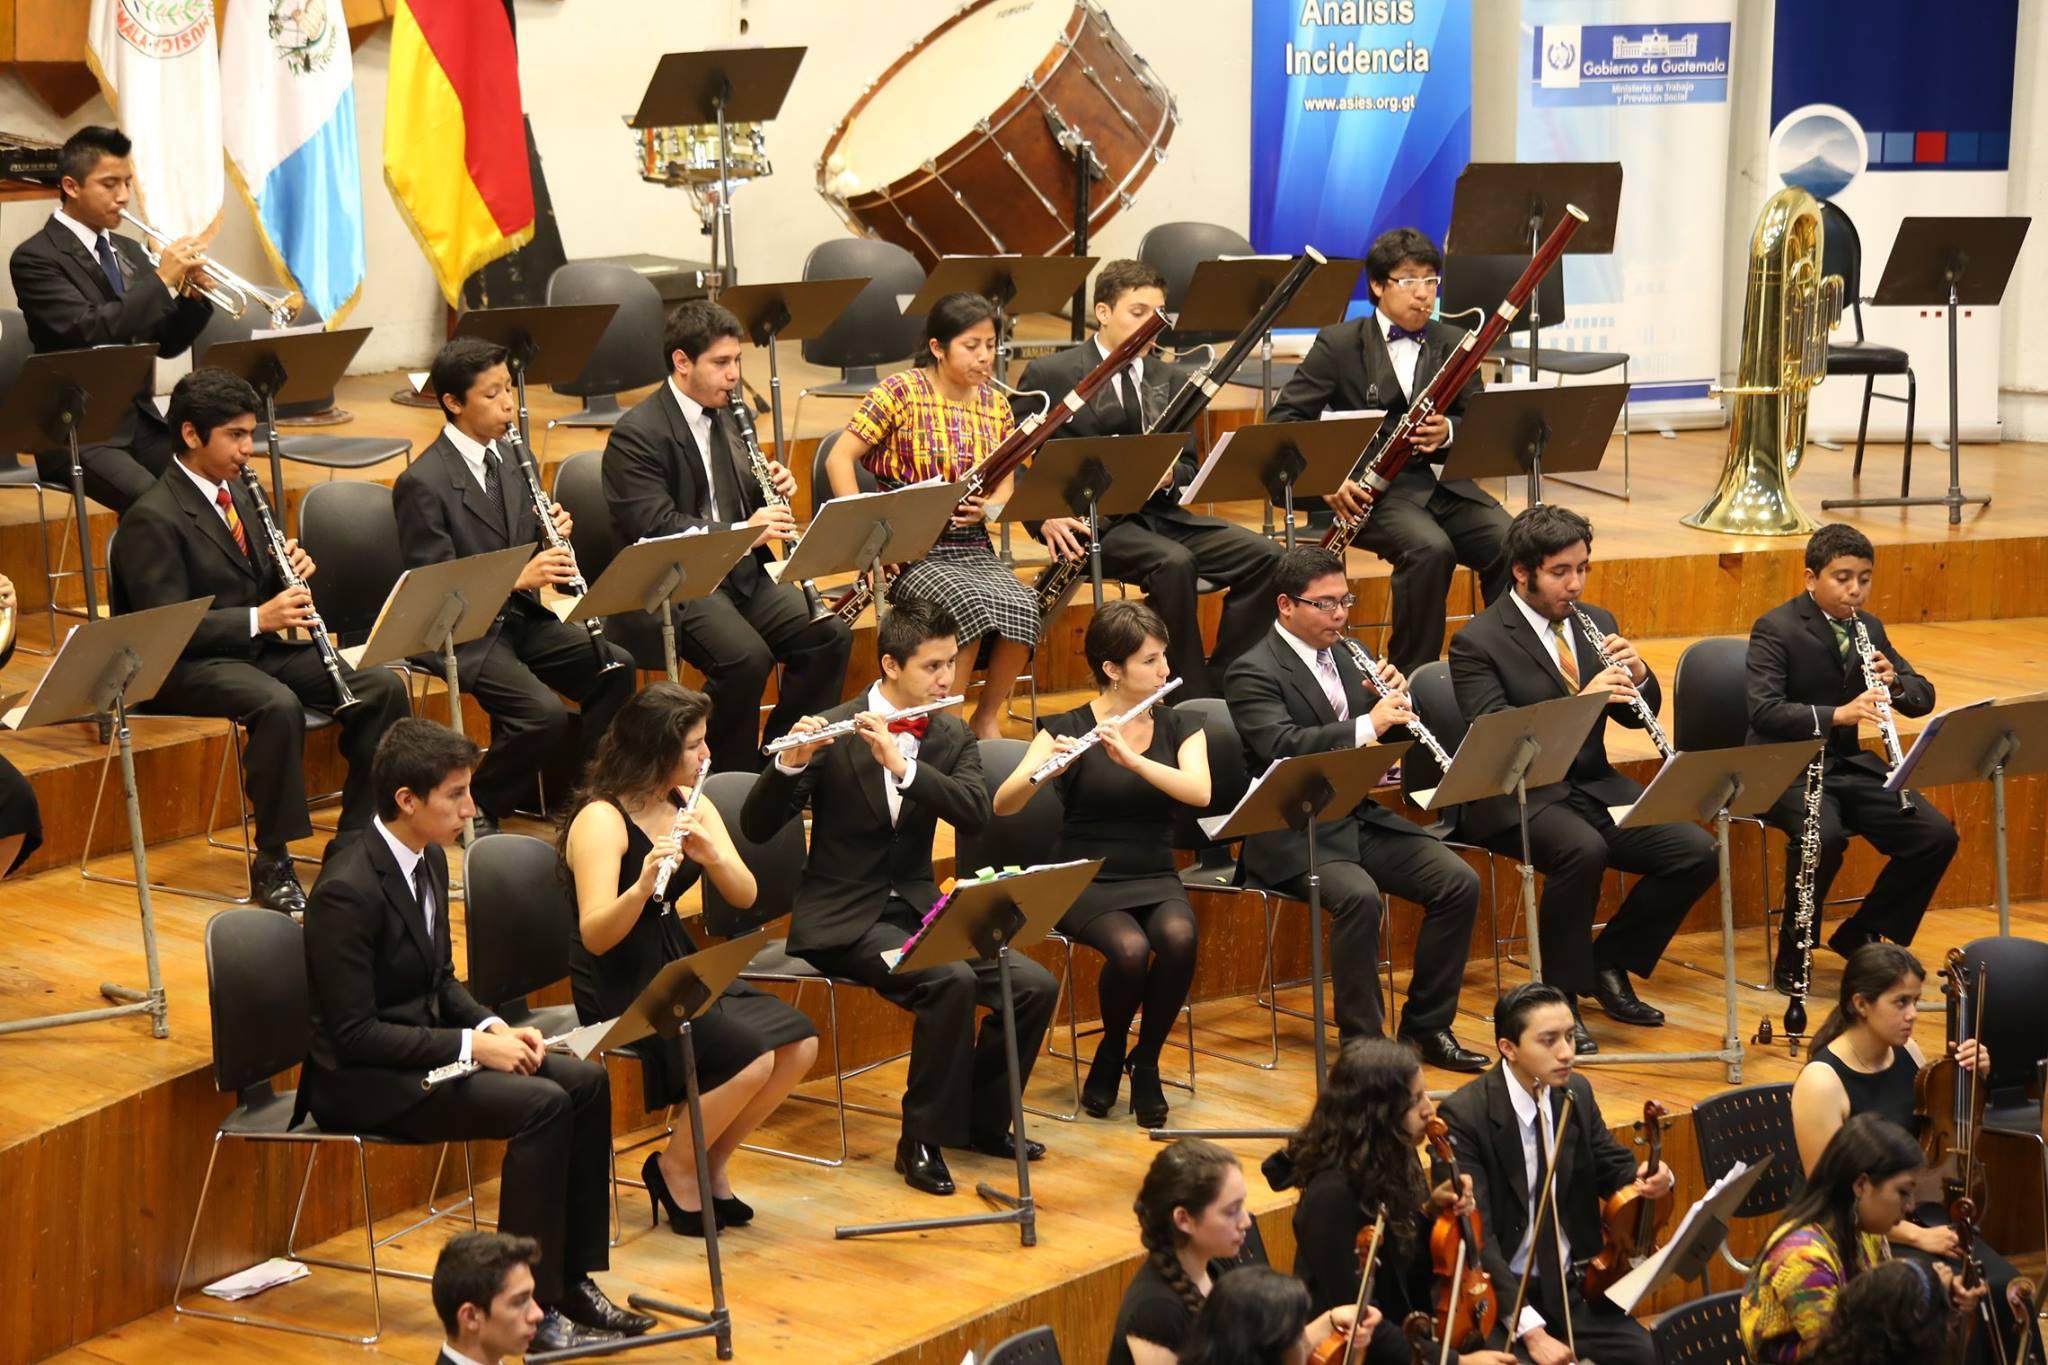 Conciertos gratuitos de la Orquesta Sinfónica Juvenil Intercultural